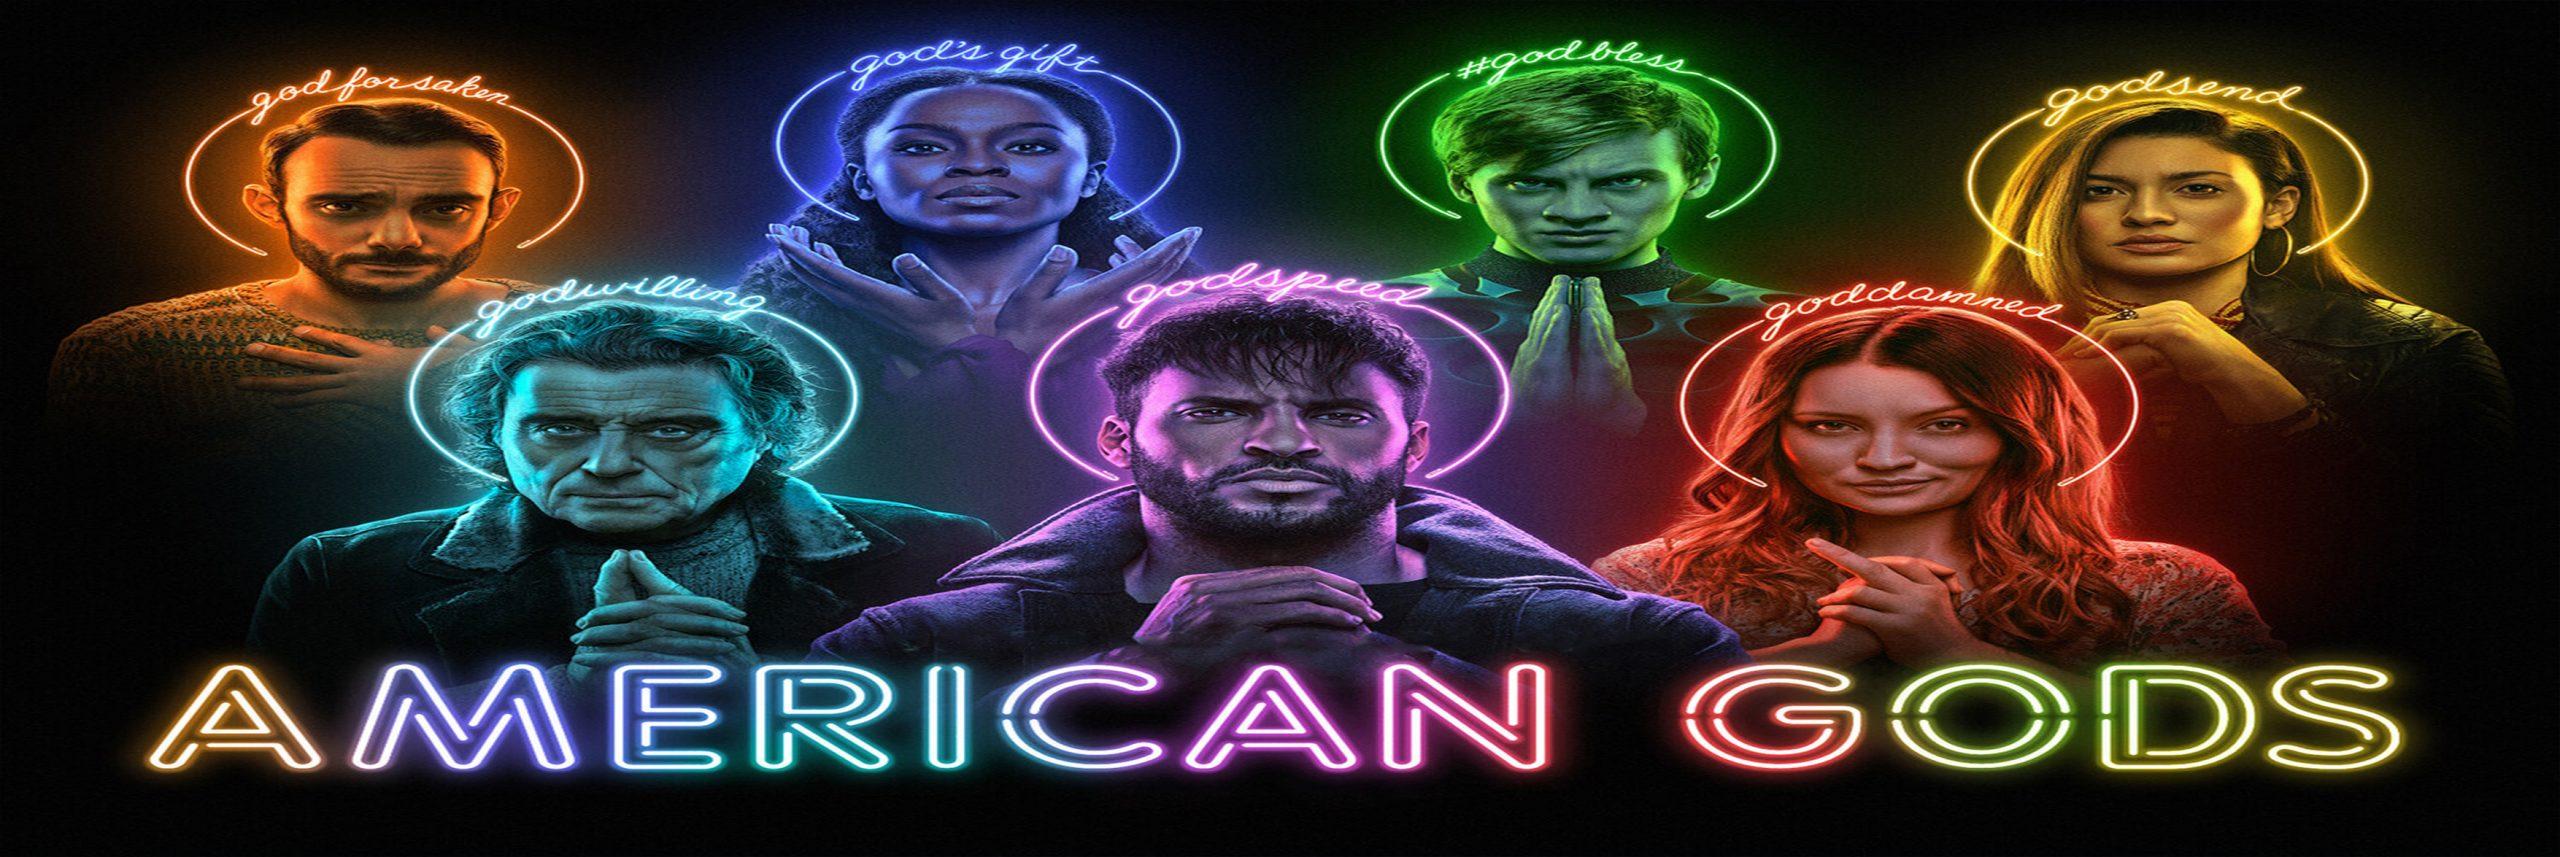 خدایان آمریکایی – American Gods